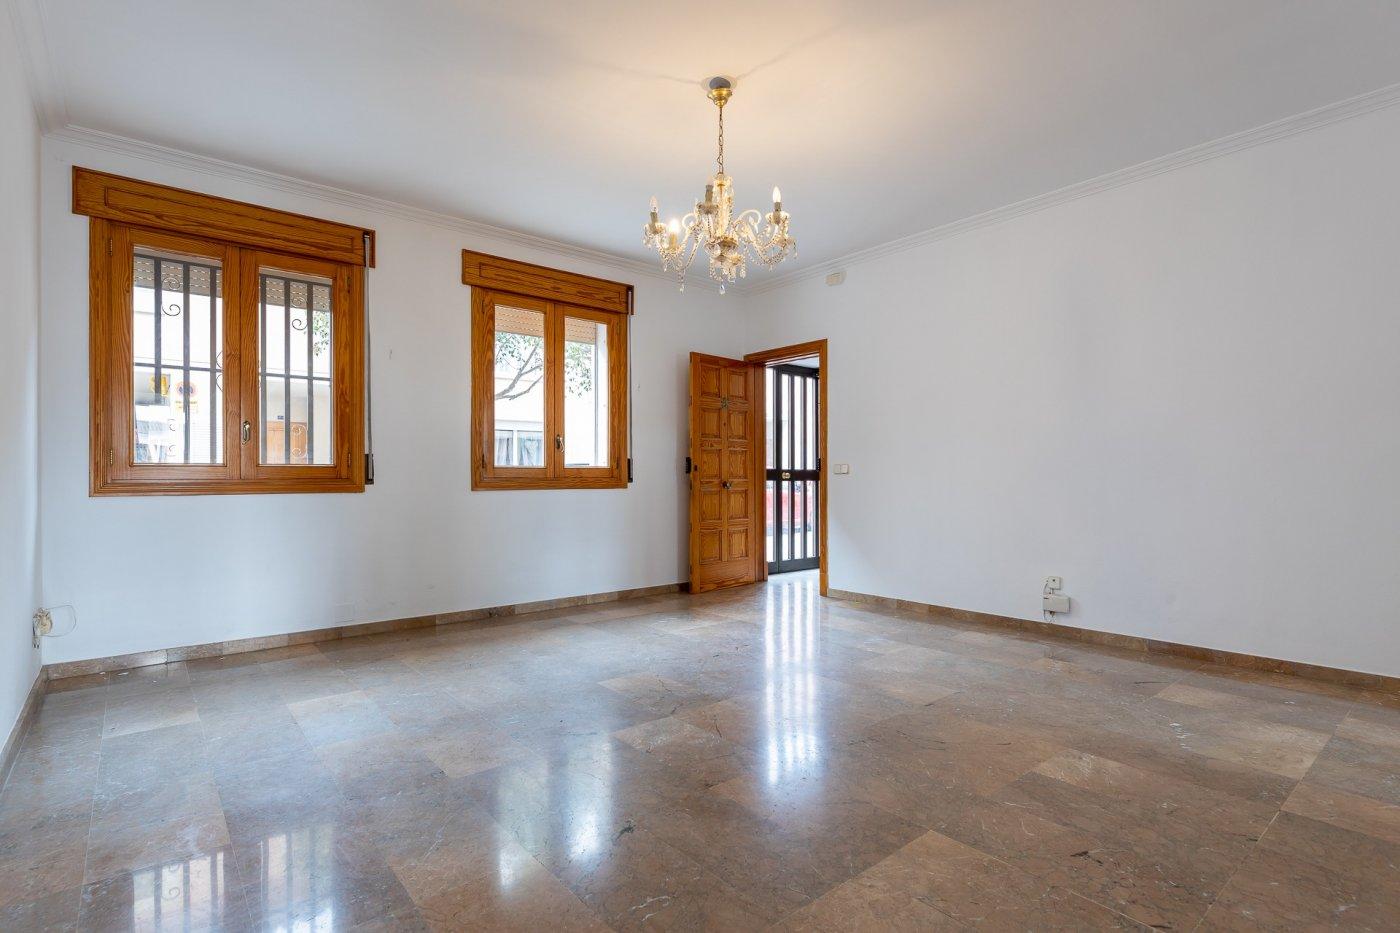 Planta baja y sala adicional de 95 m² con patio de 160 m² - imagenInmueble17